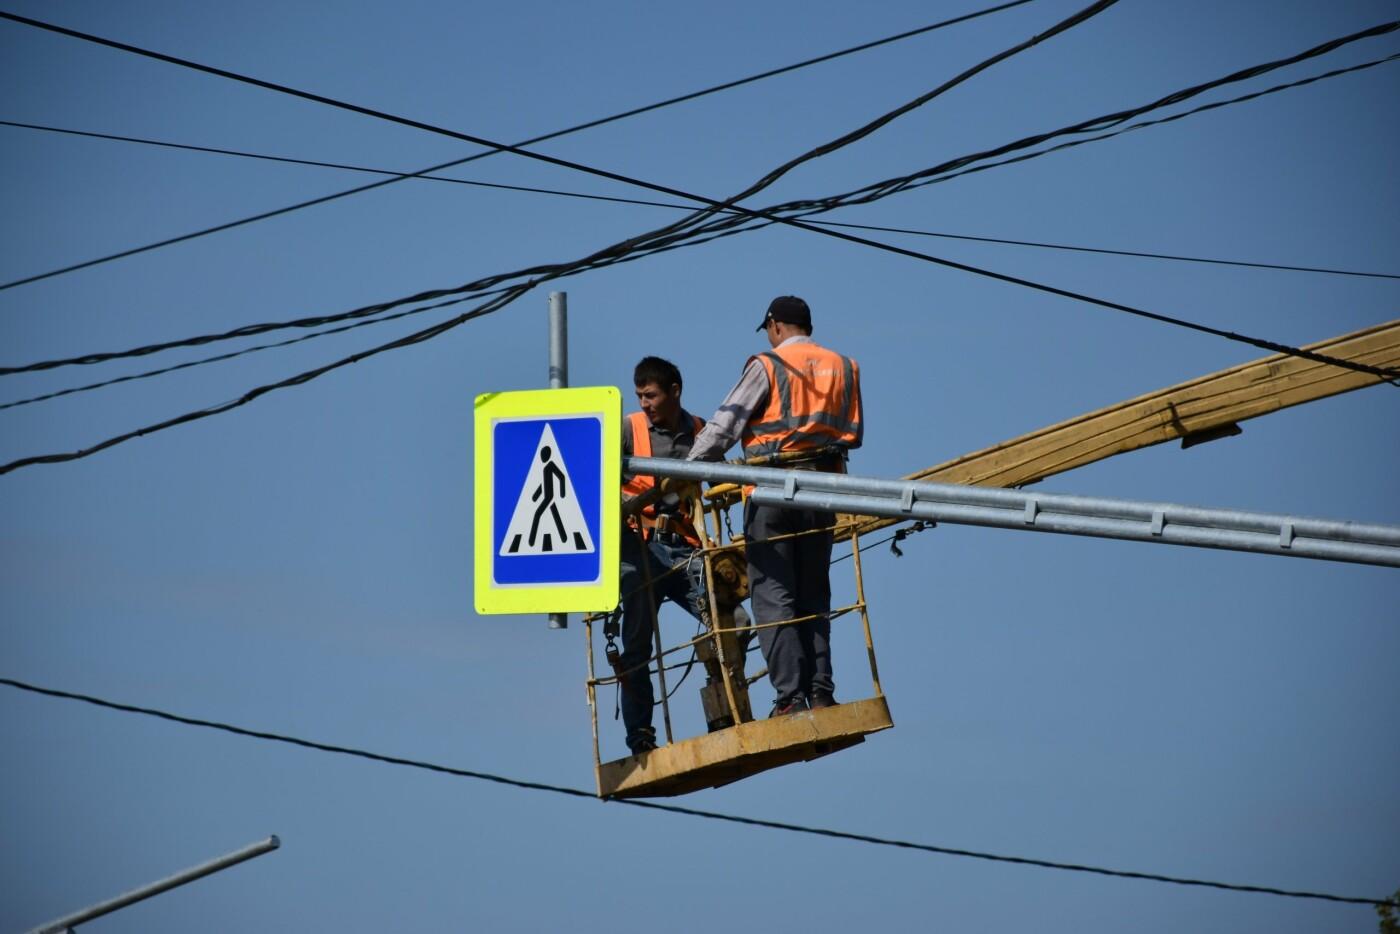 В Тамбове на улице Авиационной устанавливают новый светофор, фото-8